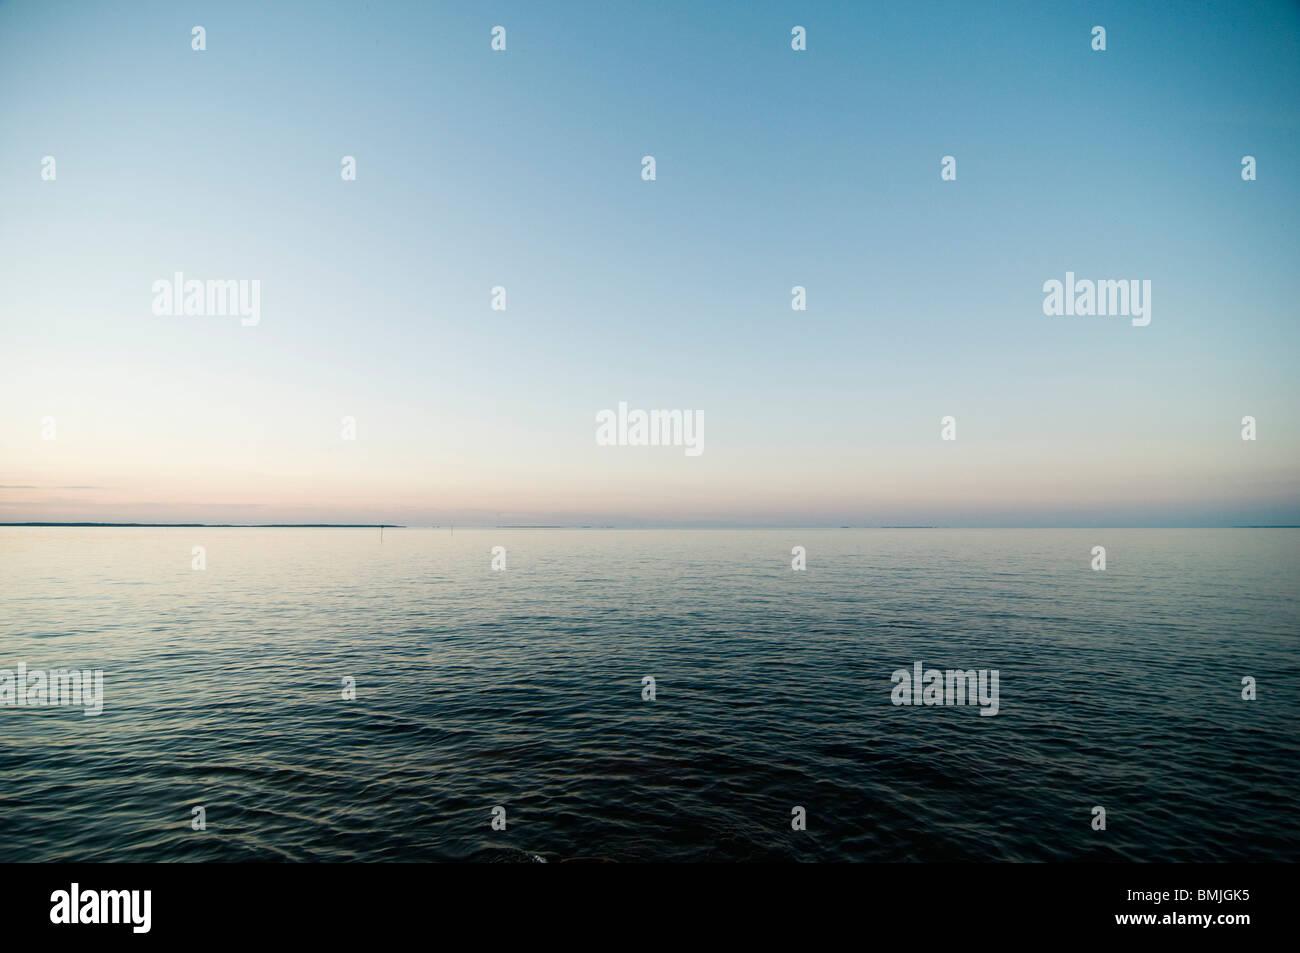 Horizon - Stock Image